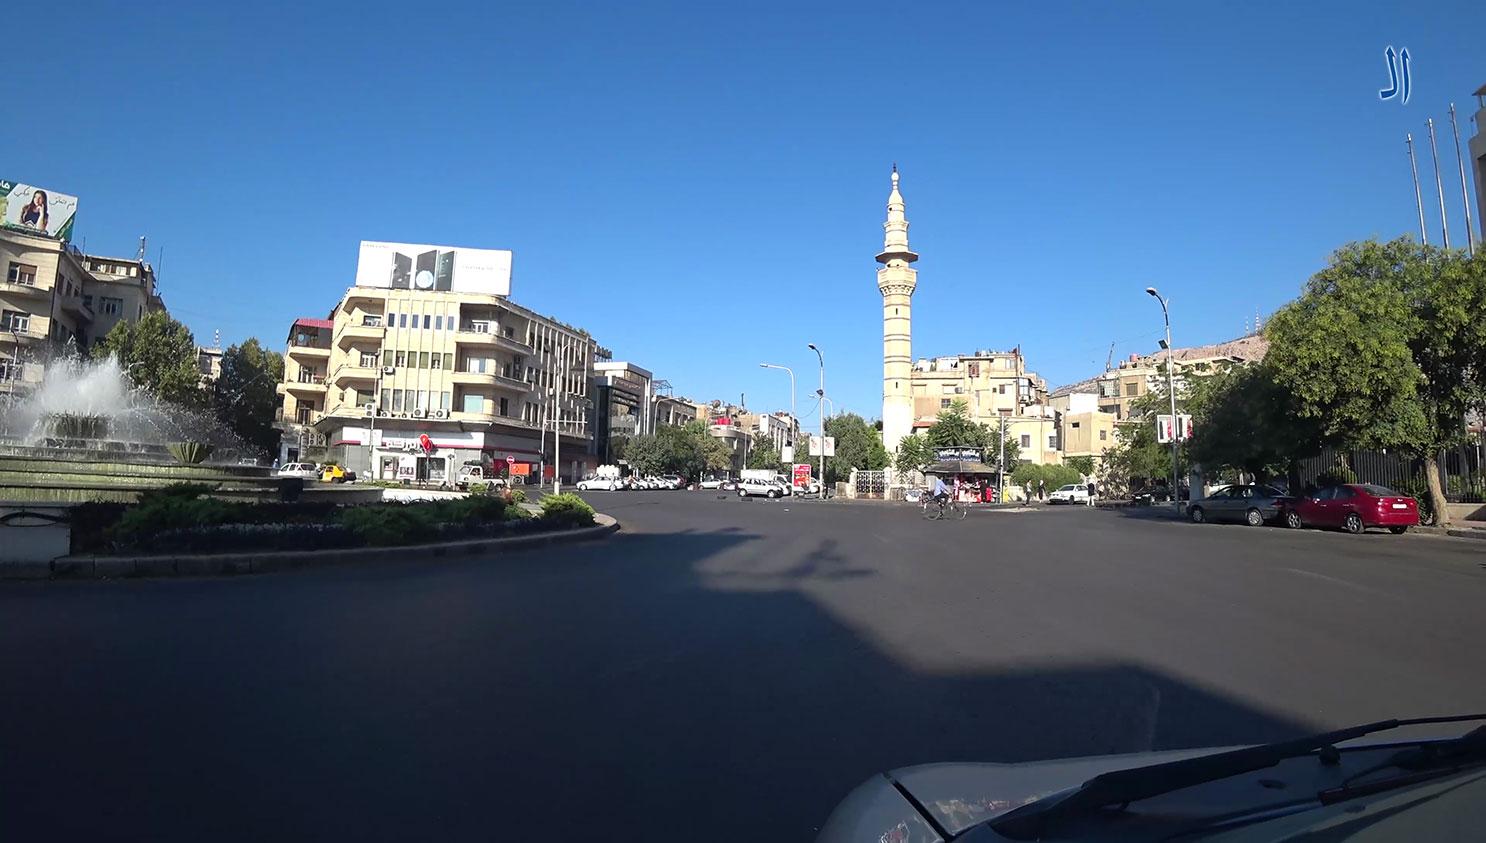 صورة شوارع مدينة دمشق صباح 26-8-2018